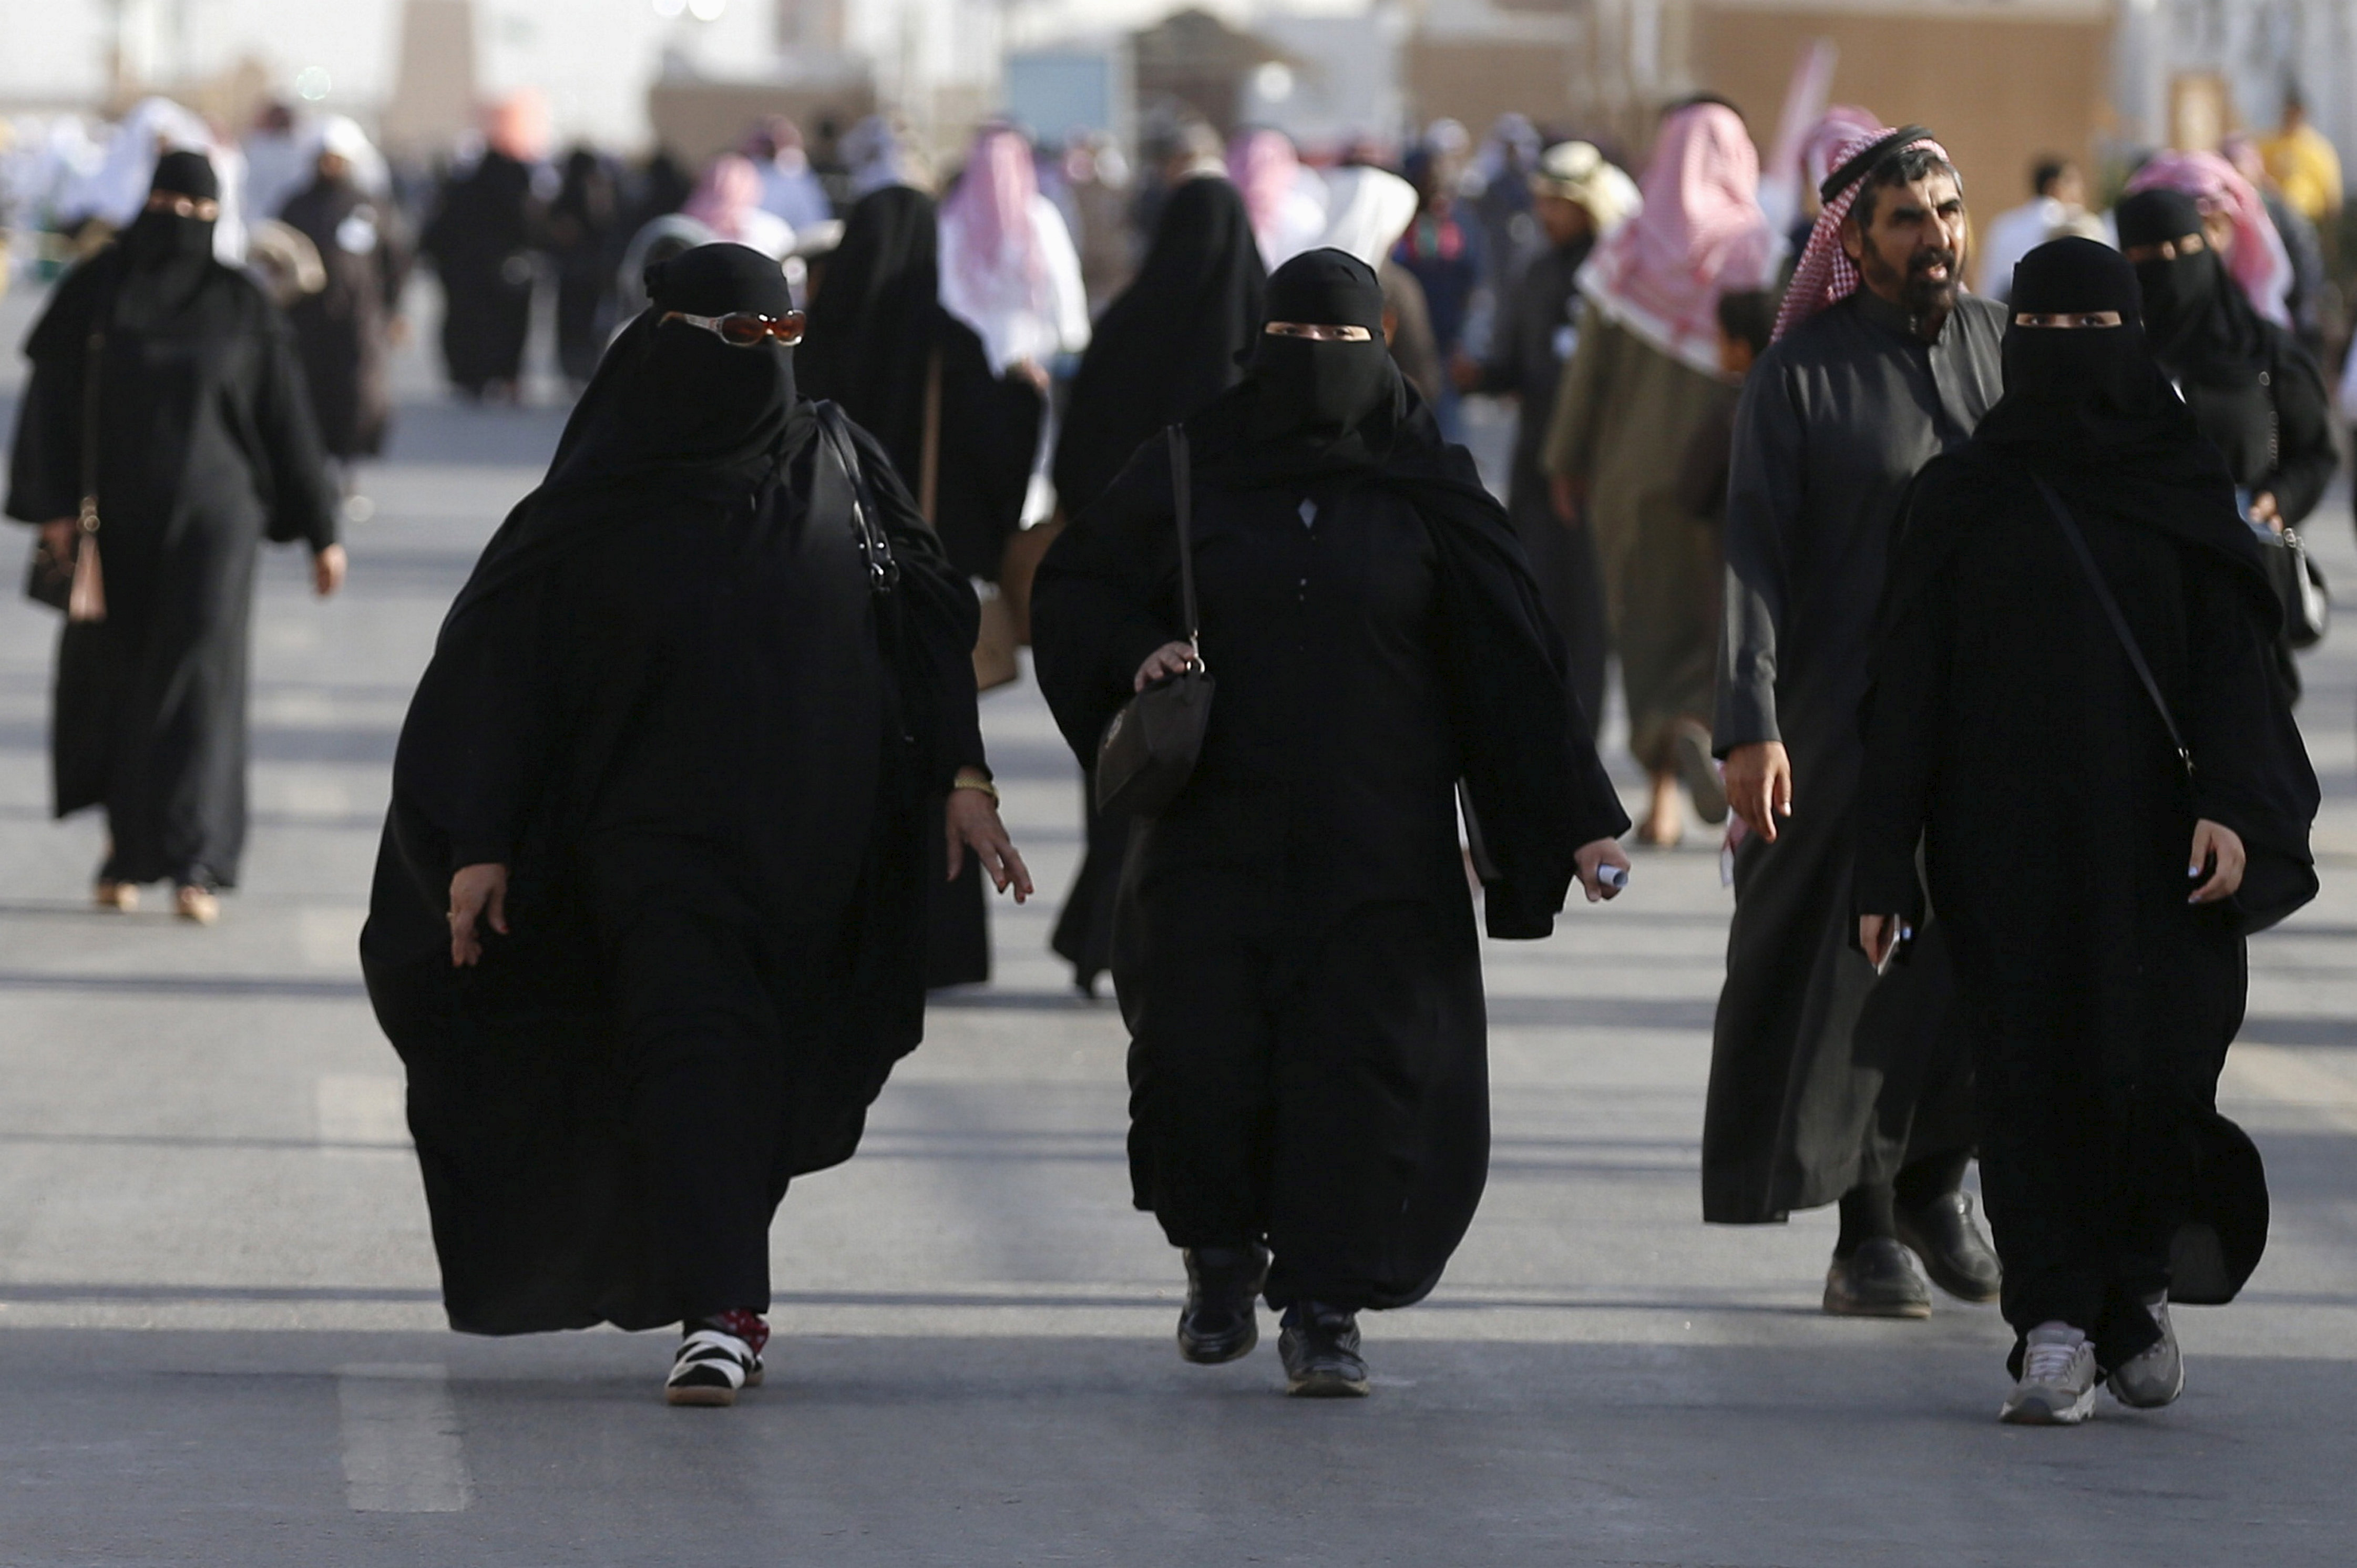 لا محرم بعد اليوم.. قرار جديد مفاجئ بأمر محمد بن سلمان بشأن النساء السعوديات